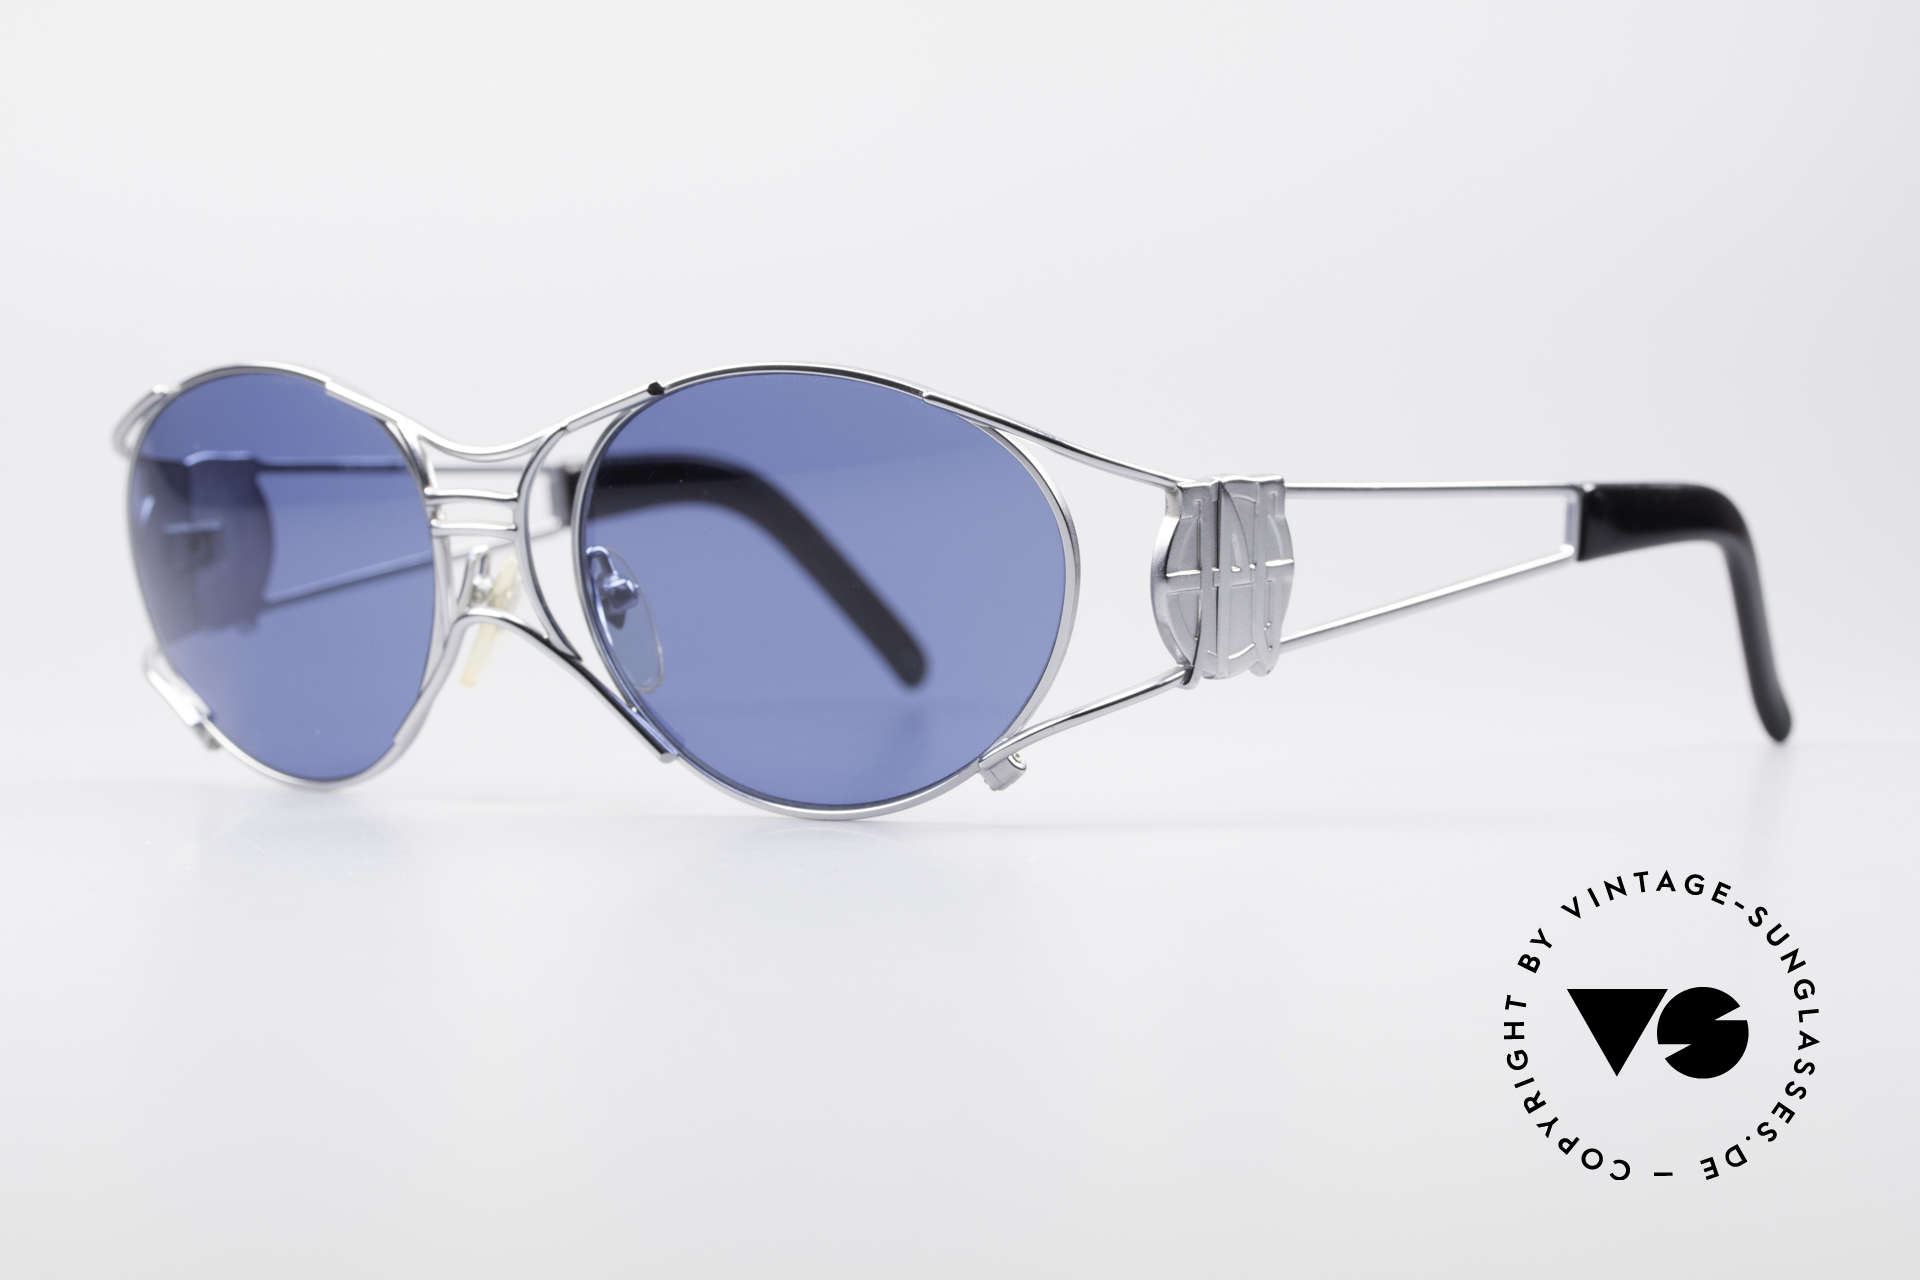 """Jean Paul Gaultier 58-6101 JPG Steampunk Sonnenbrille, daher häufig auch als """"Steampunk Brille"""" bezeichnet, Passend für Herren und Damen"""